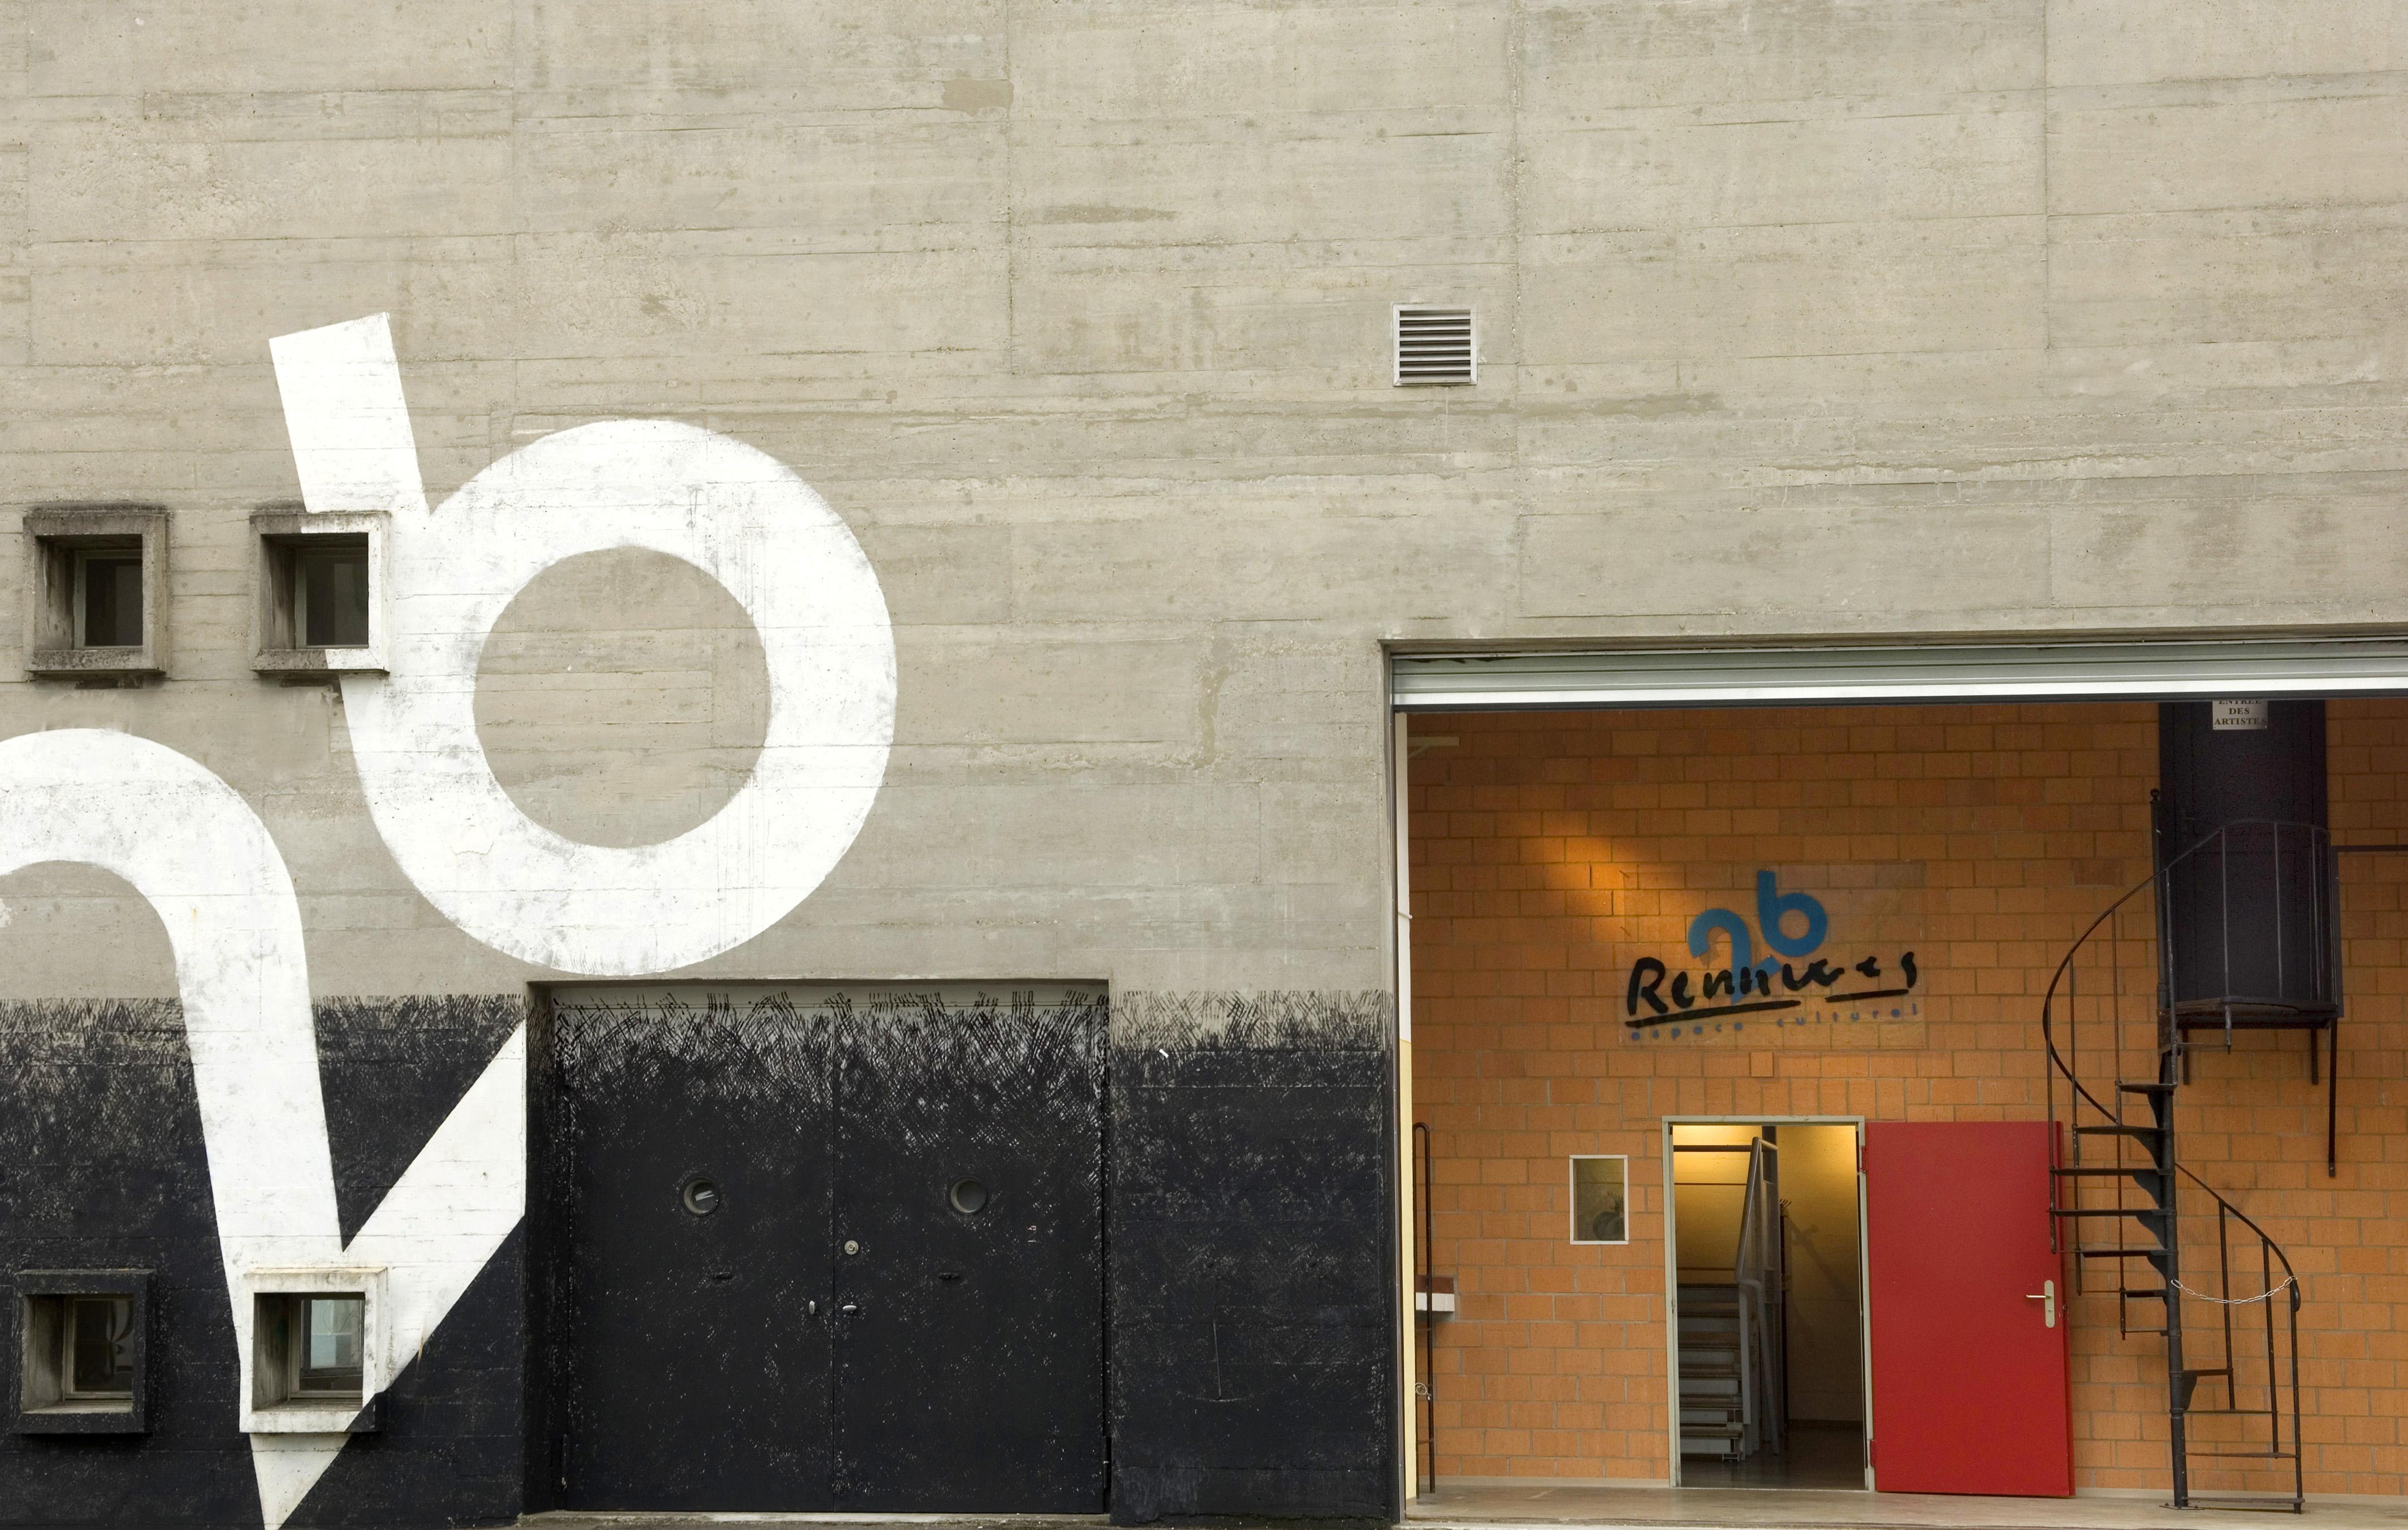 Eine Hausfassade einer offenen, roten Türe ist hier zu sehen. Daneben befindet sich eine schwarze Treppe und ein Schild mit der Aufschrift «Rennweg 26».